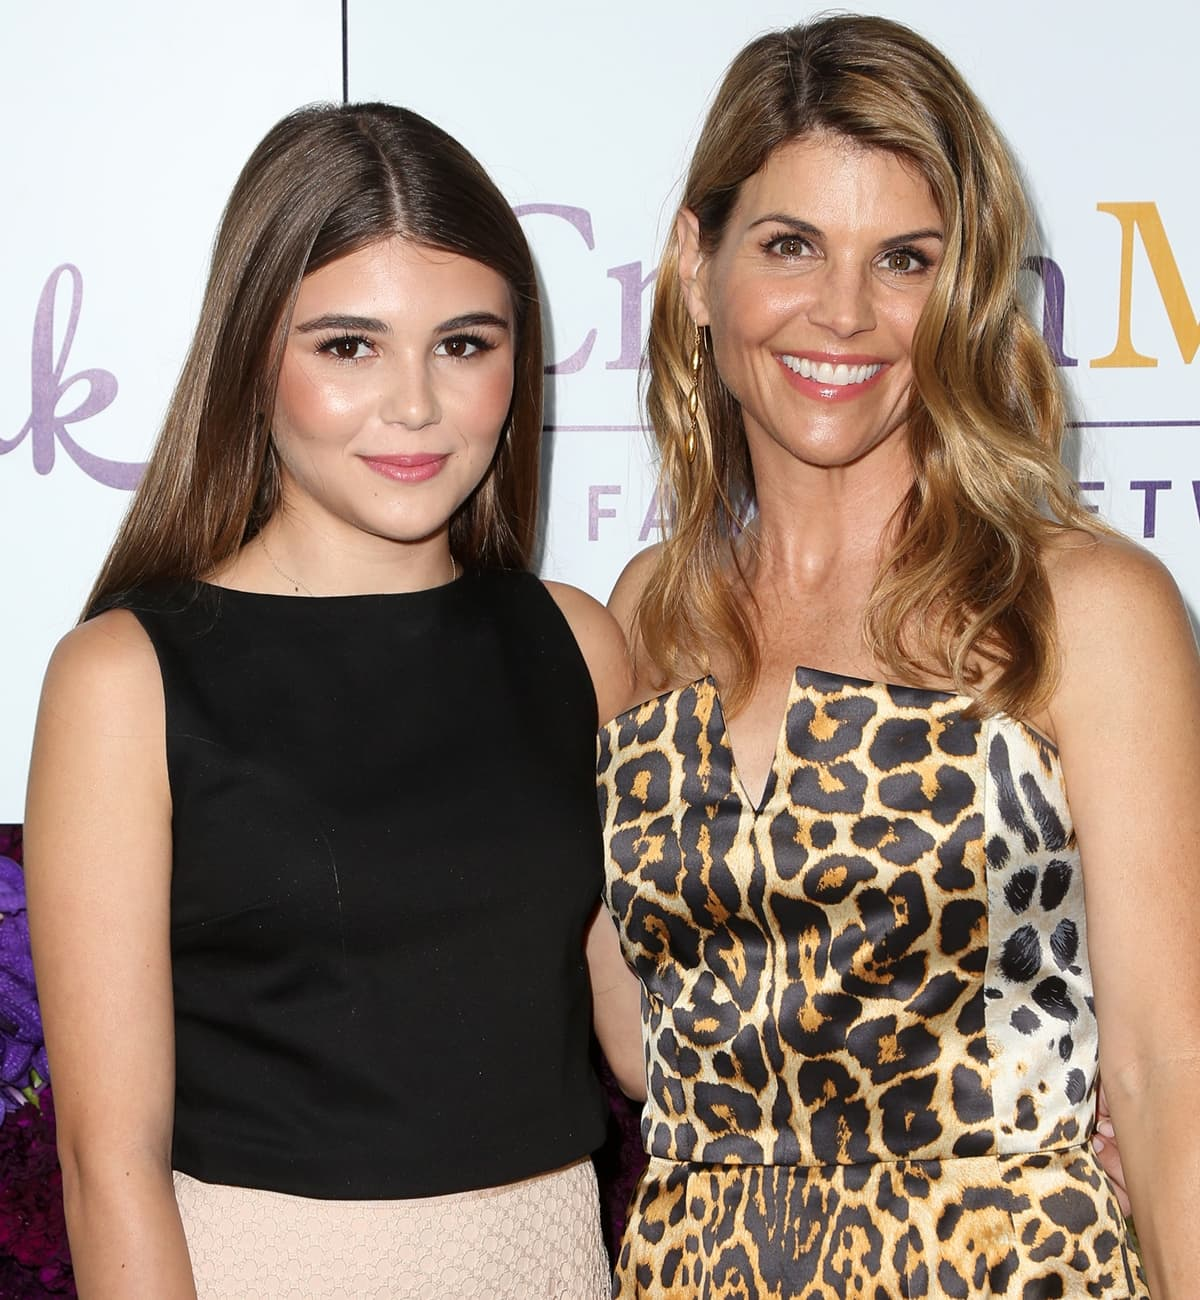 Actress Lori Loughlin (R) and daughter Olivia Jade Giannulli